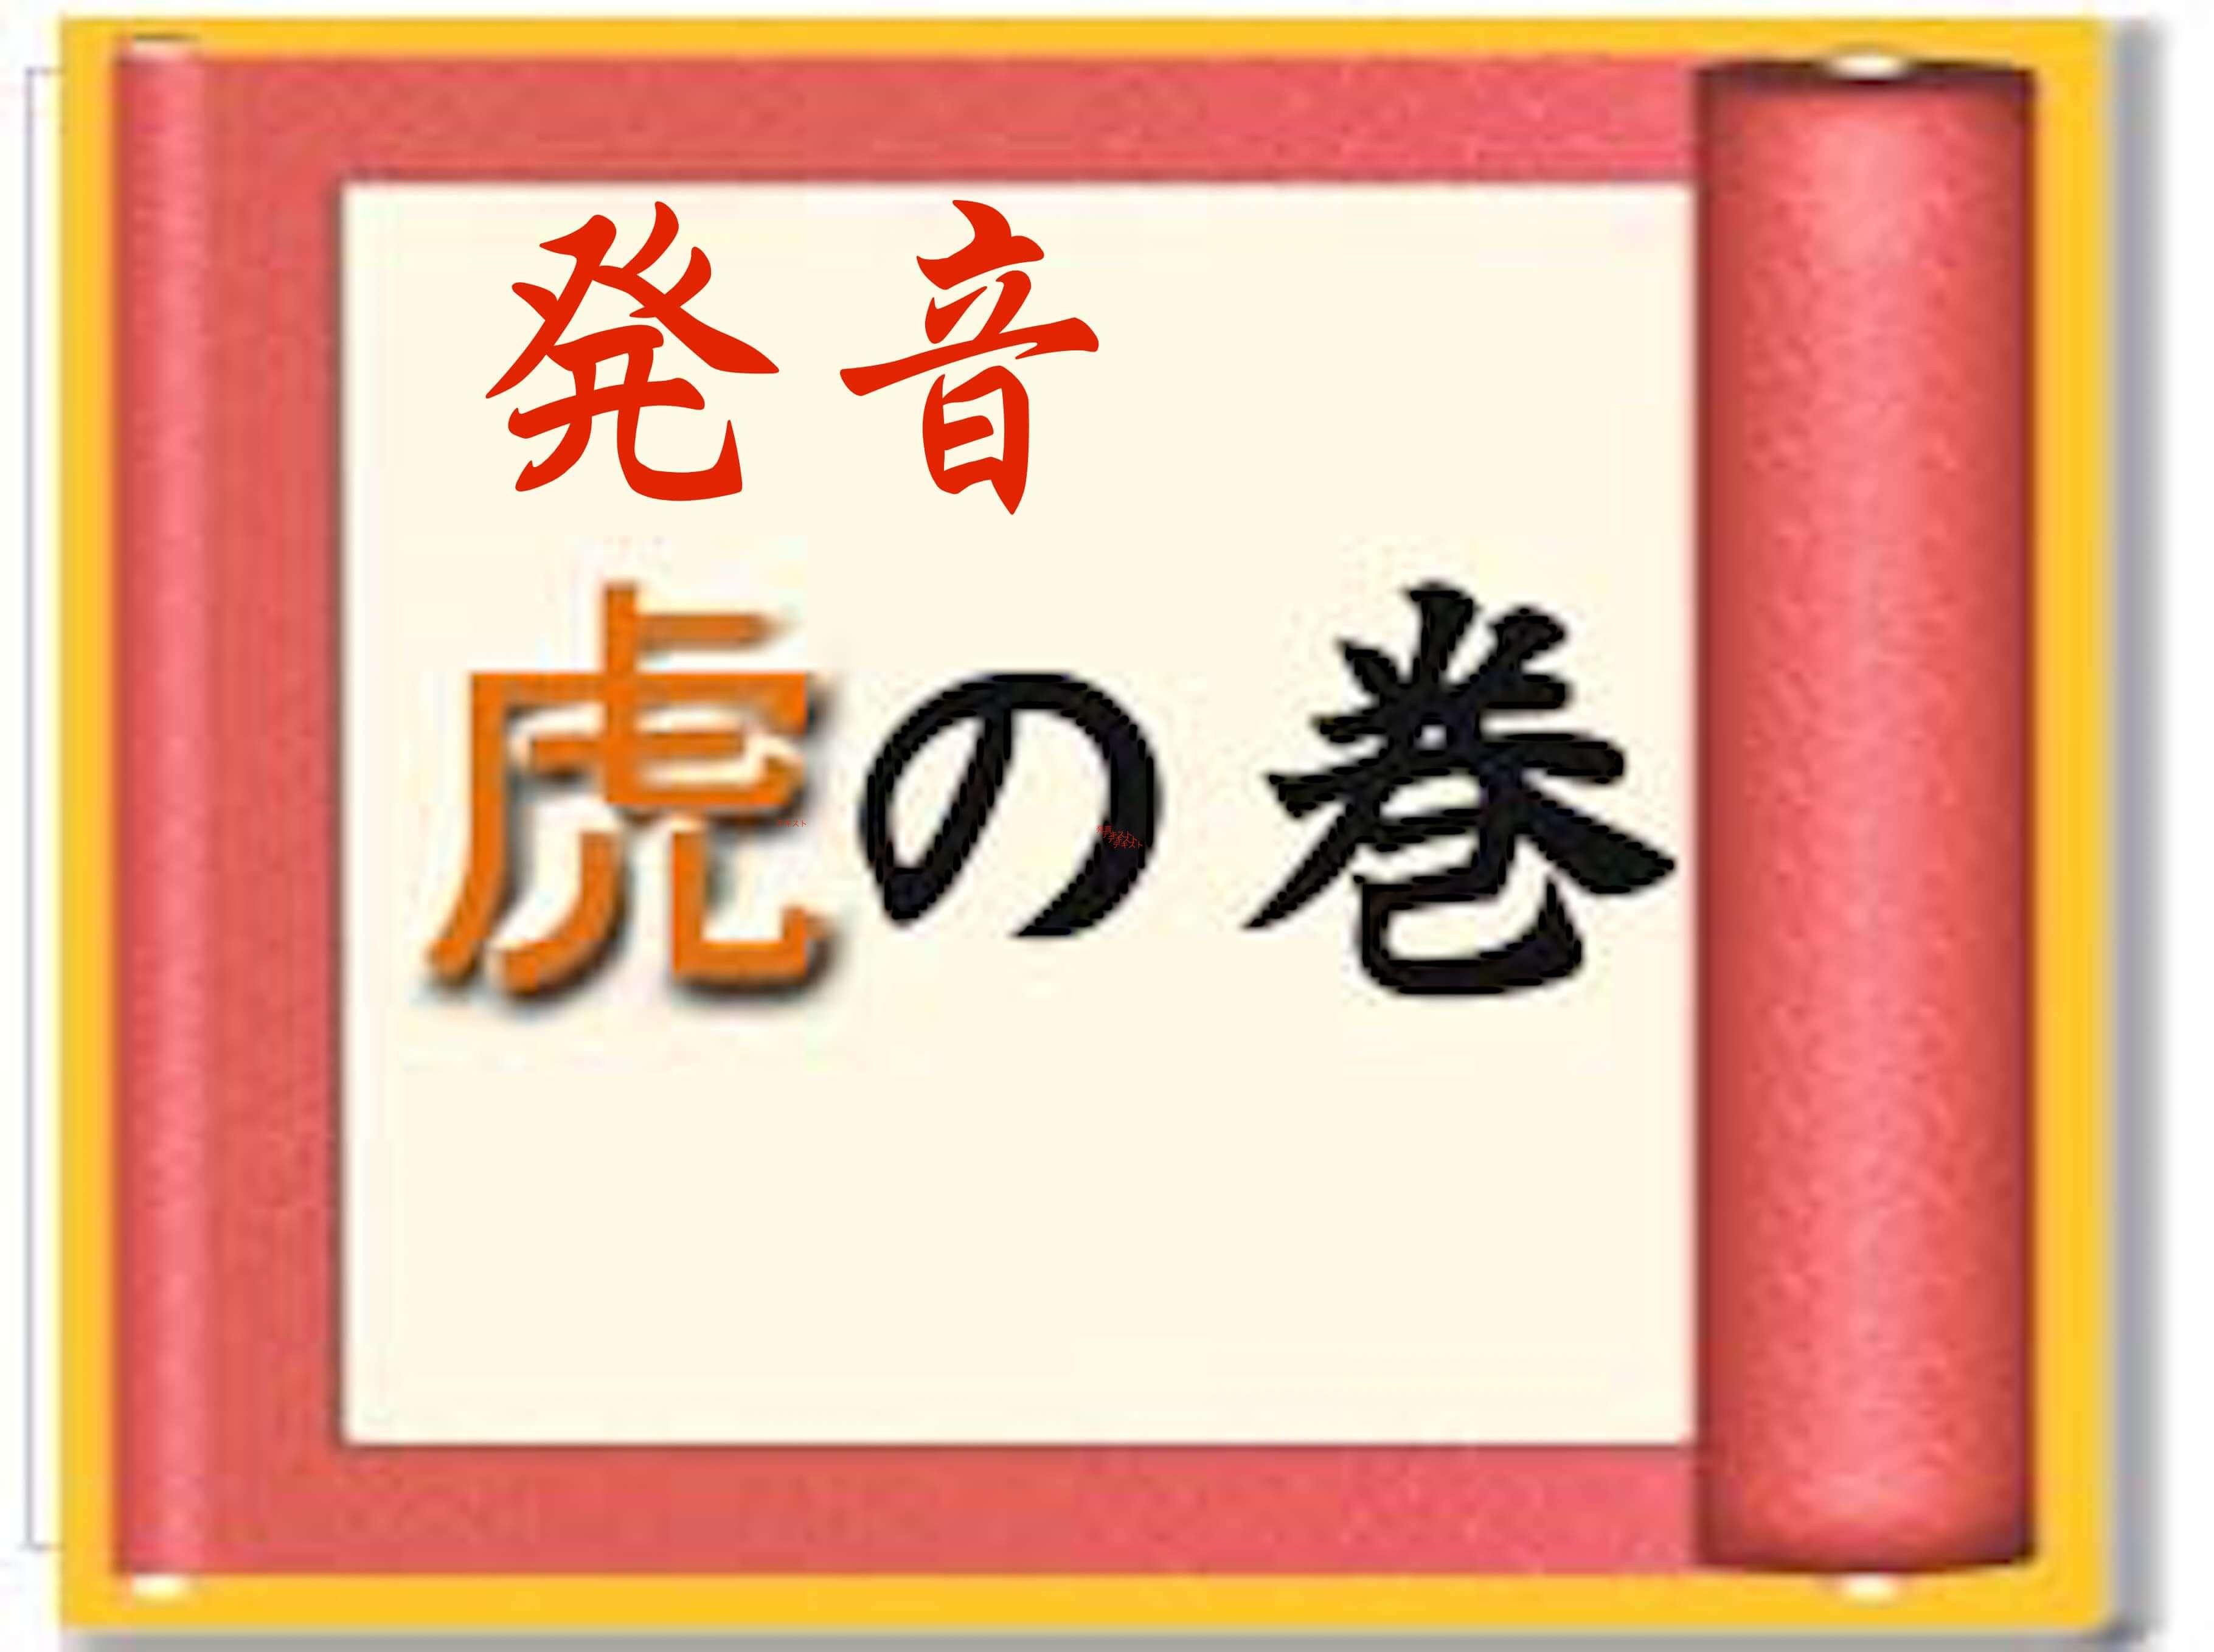 口語文法 文節・単語分けの難しさ | 神戸国語教育研 …